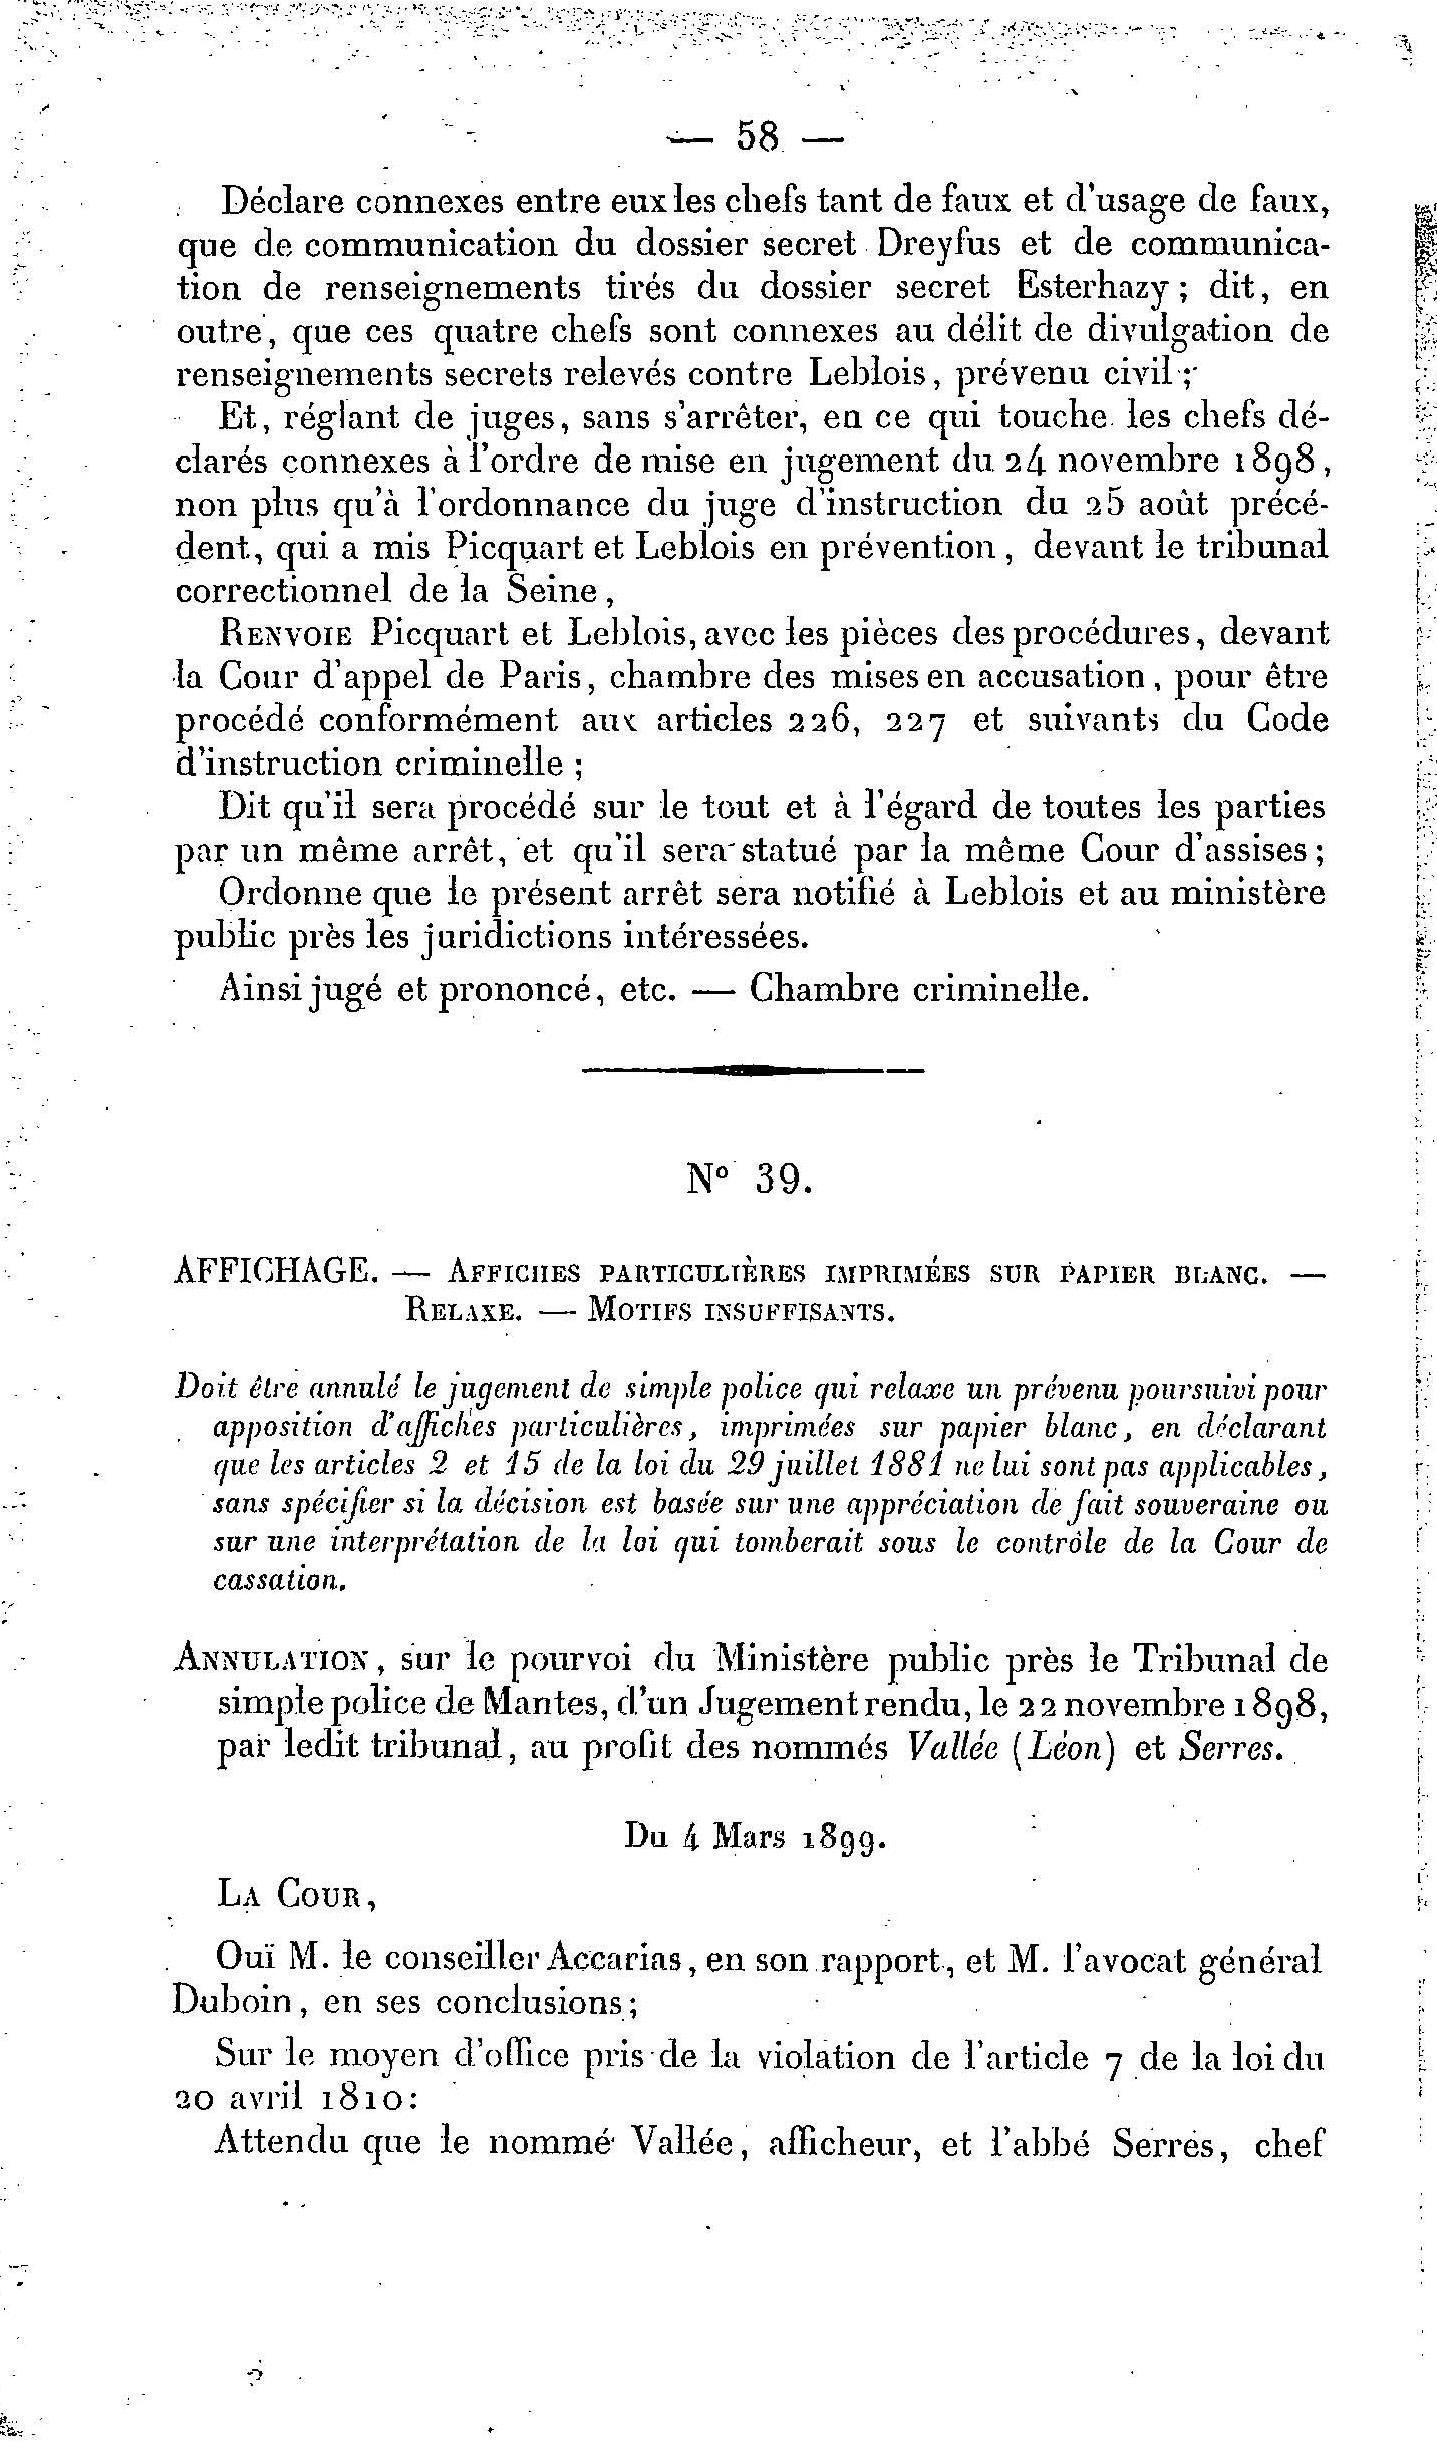 http://expo-paulviollet.univ-paris1.fr/wp-content/uploads/2017/09/Bulletin-cour-de-cass-1899-tome-104-numéro-3_Page_4-1.jpg